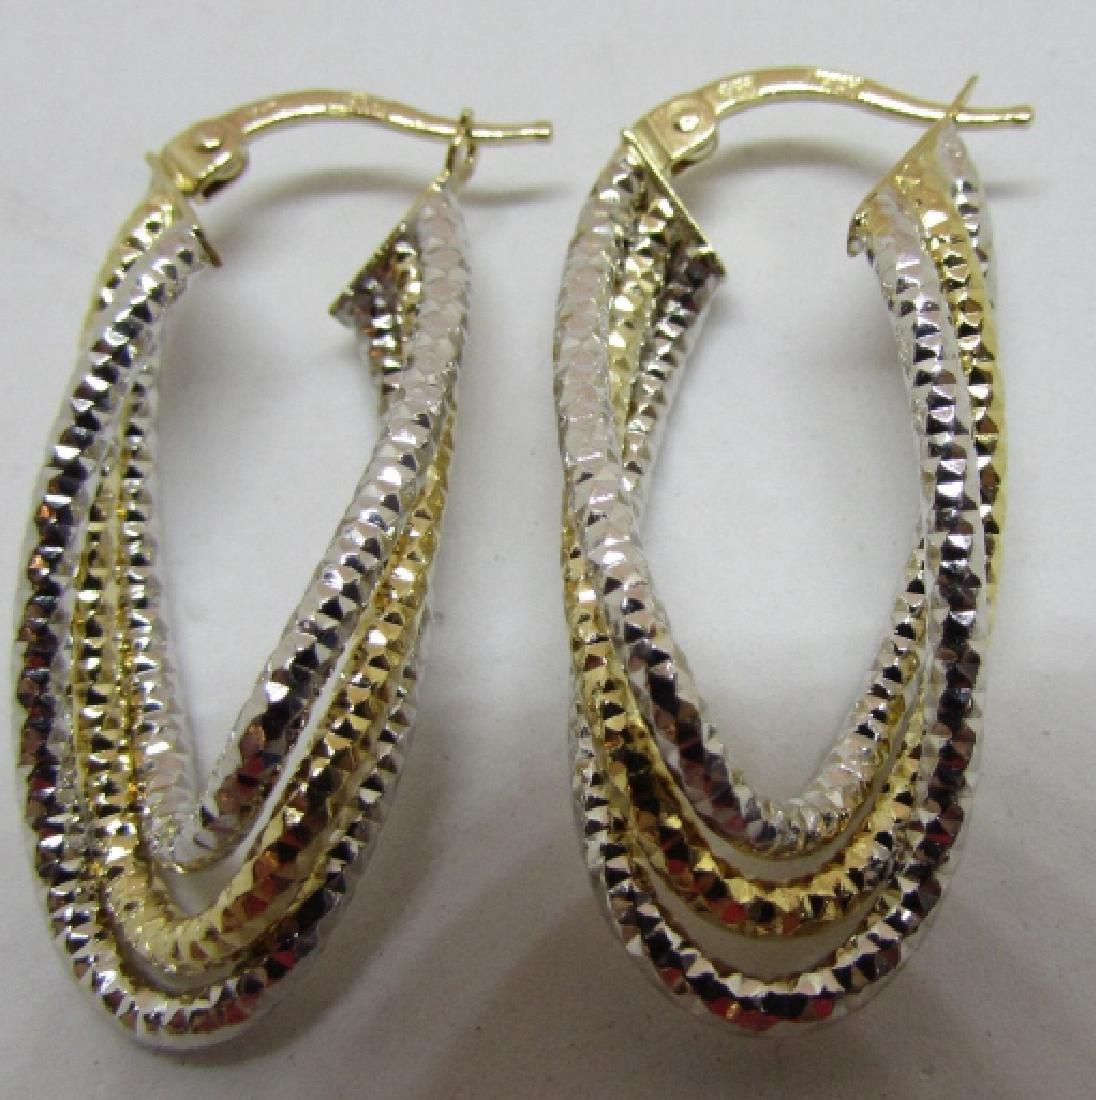 14K WHITE & YELLOW GOLD HOOP EARRINGS DIAMOND CUT